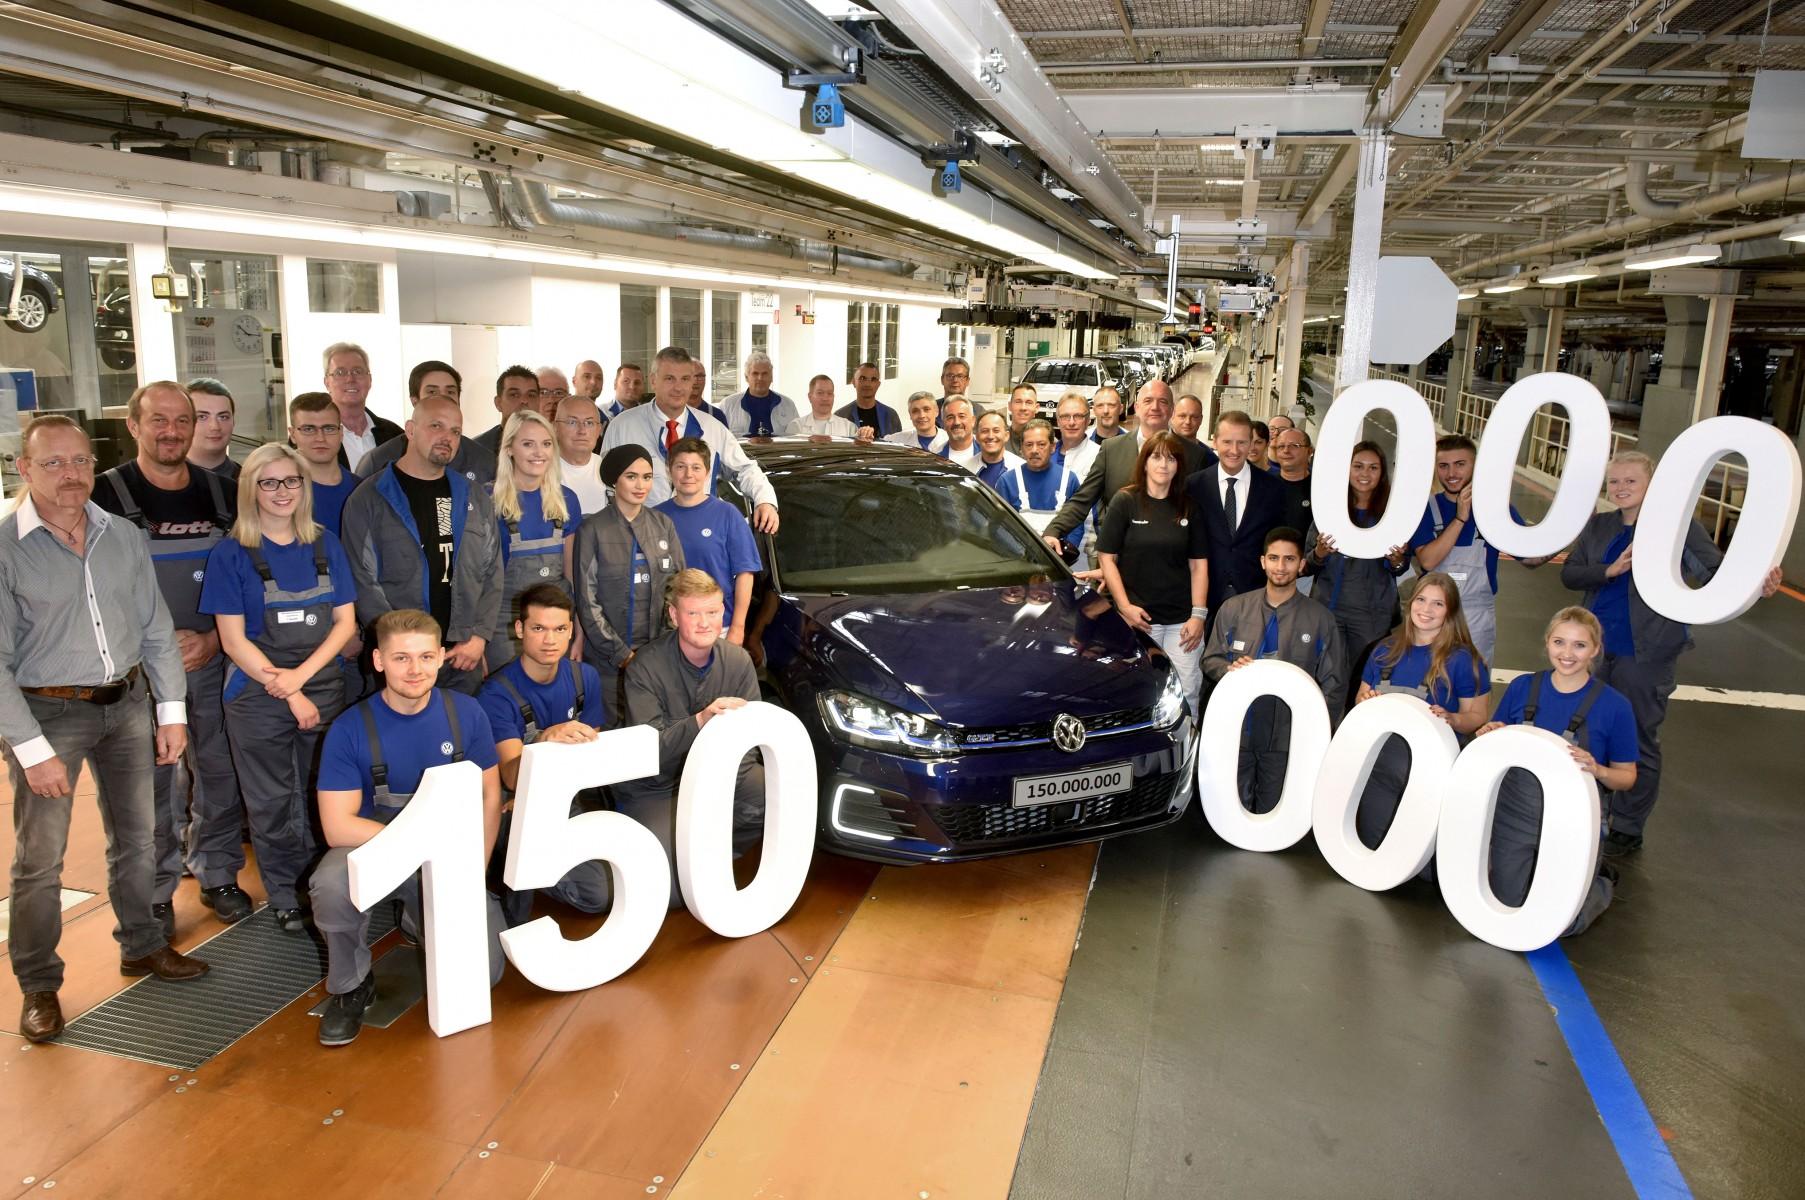 150 miljoenste auto